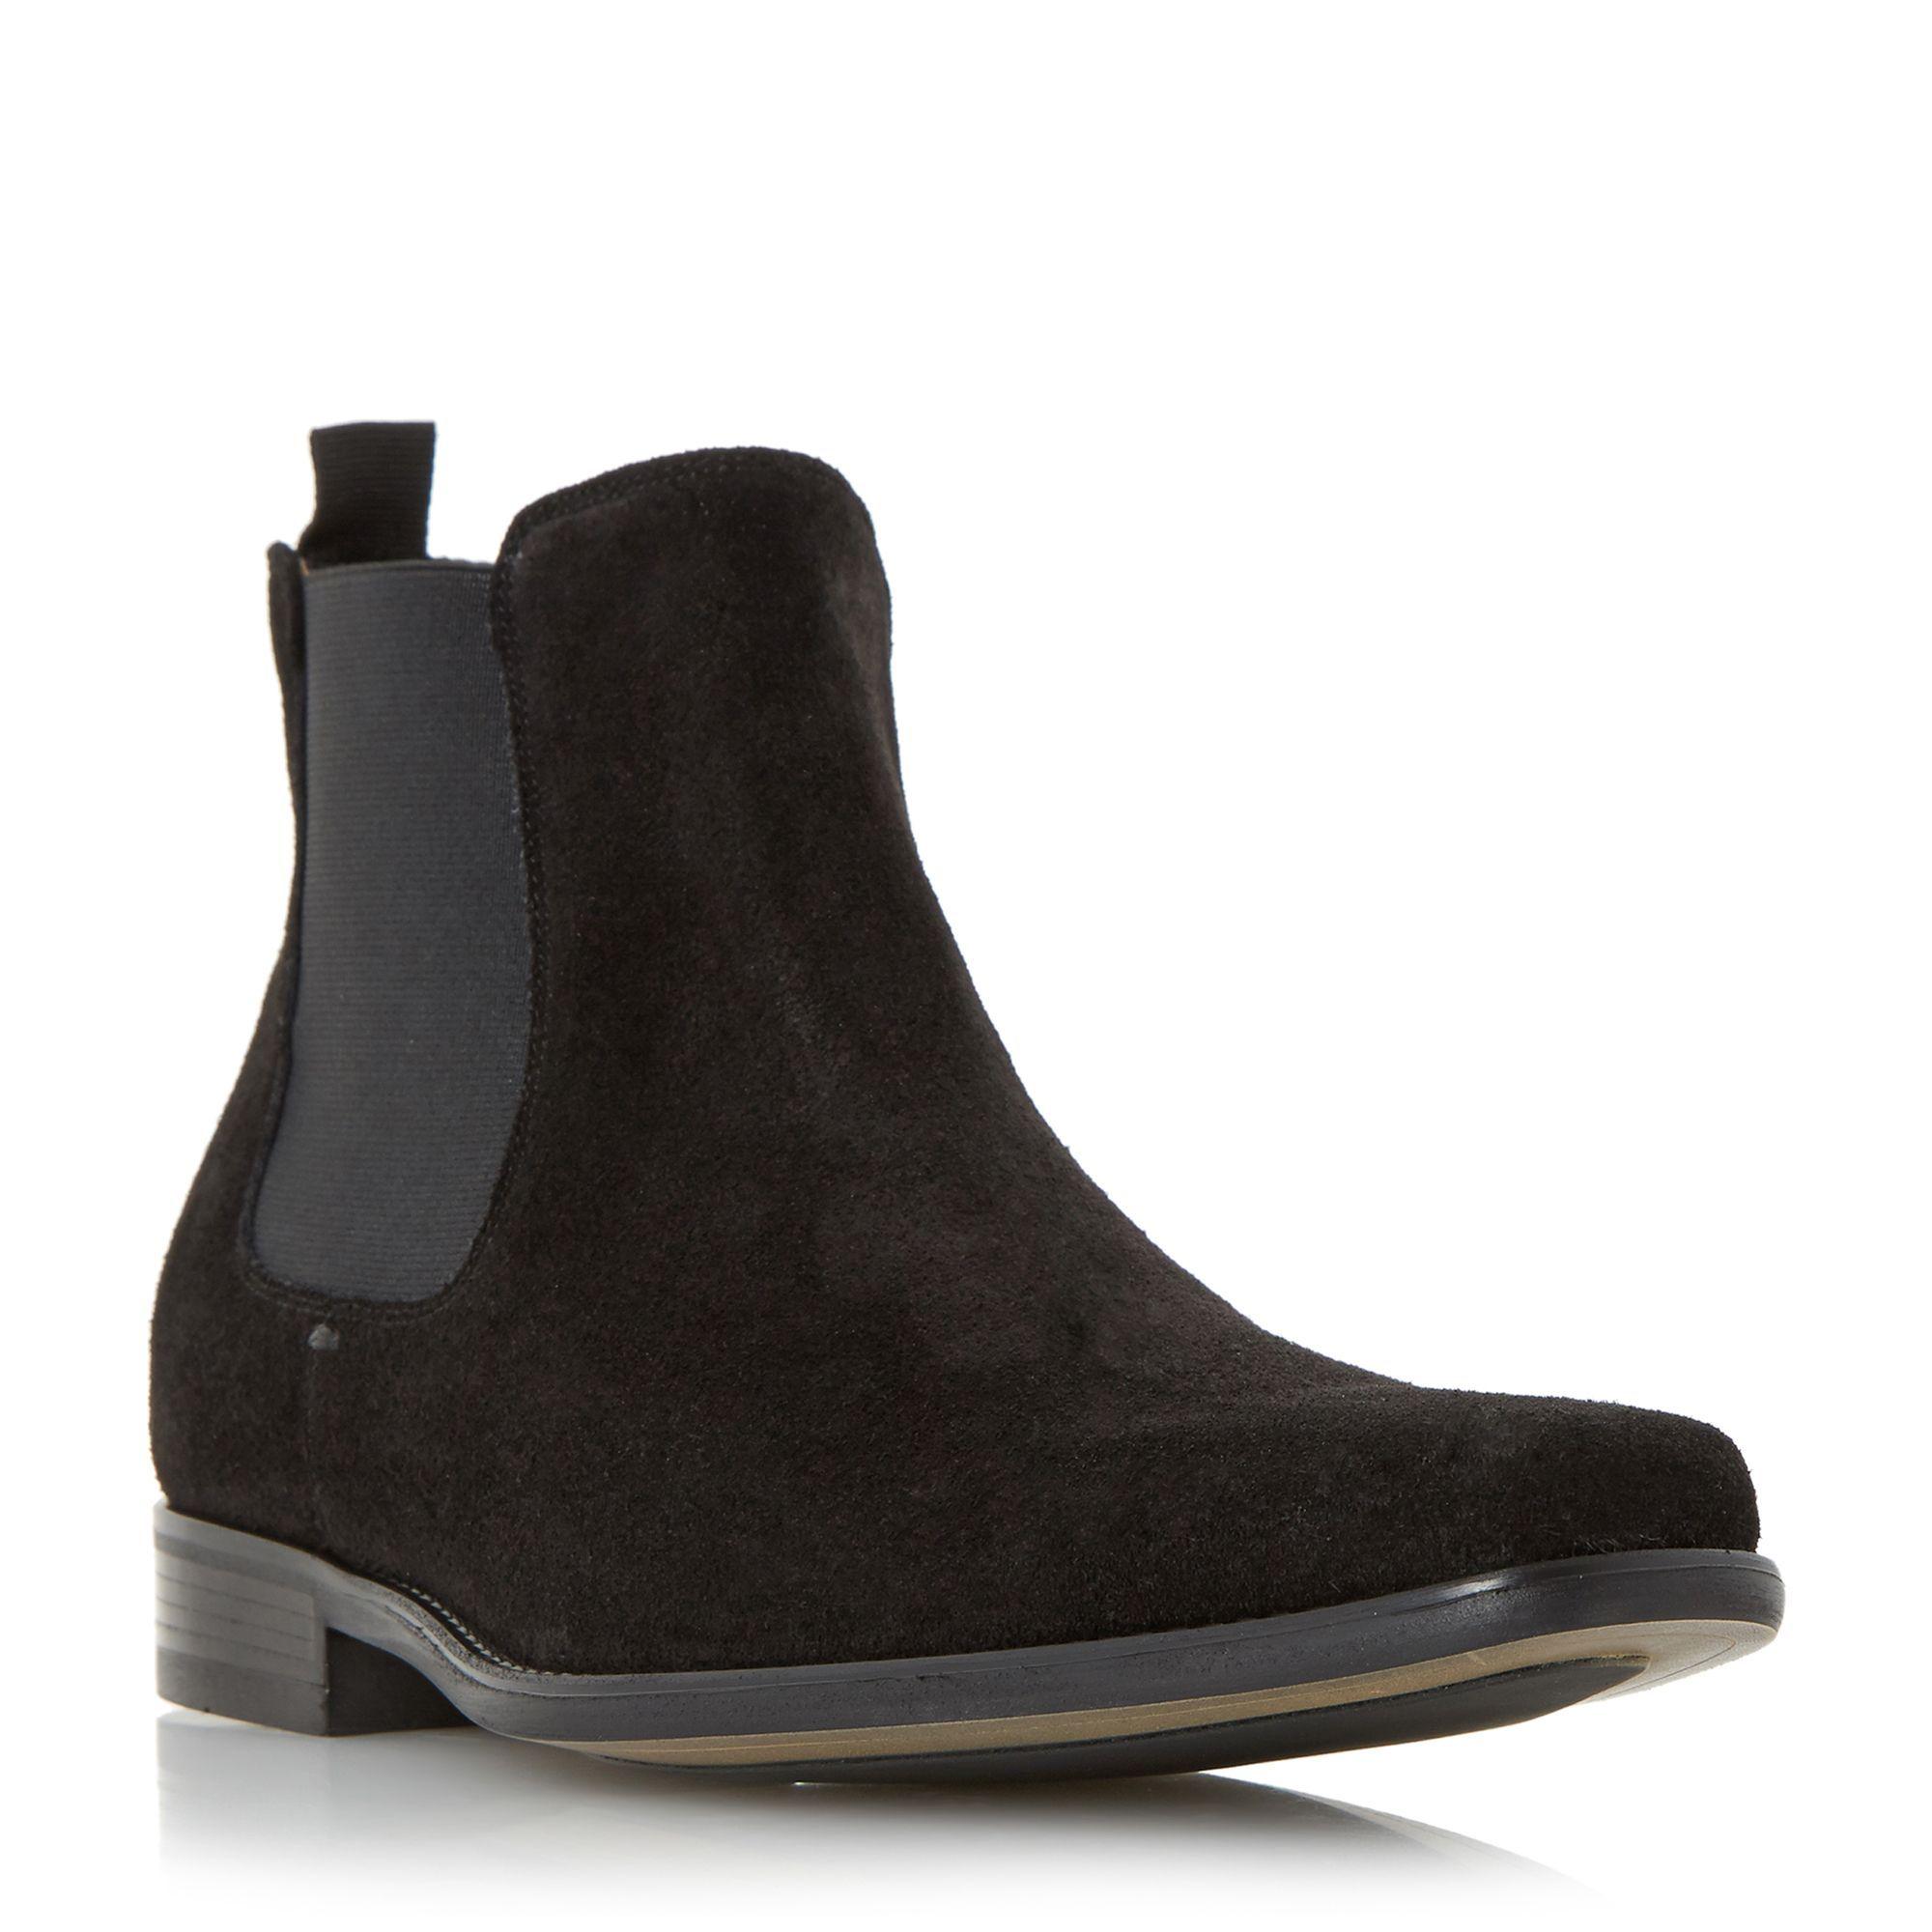 c53e2c69e Roland Cartier Clarky Suede Chelsea Boots